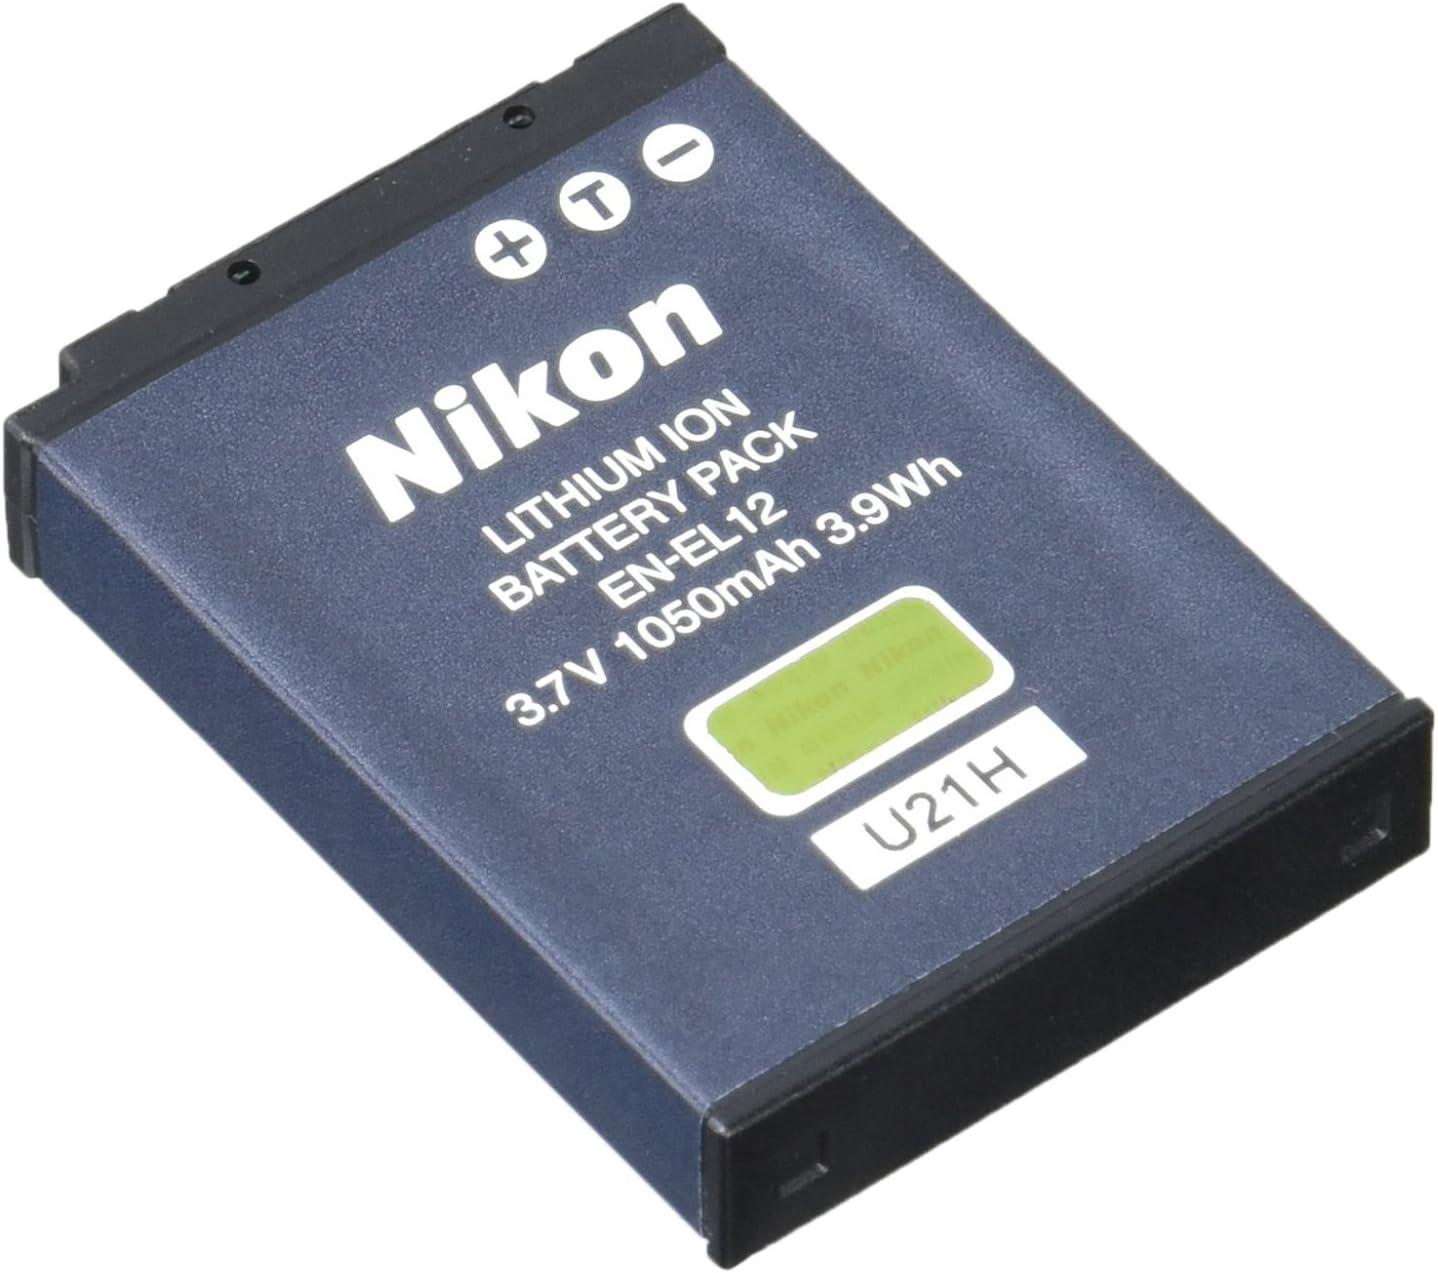 Nikon 25780 EN-EL12 Rechargeable Li-ion Battery for Select Coolpix Models : Digital Camera Batteries : Camera & Photo